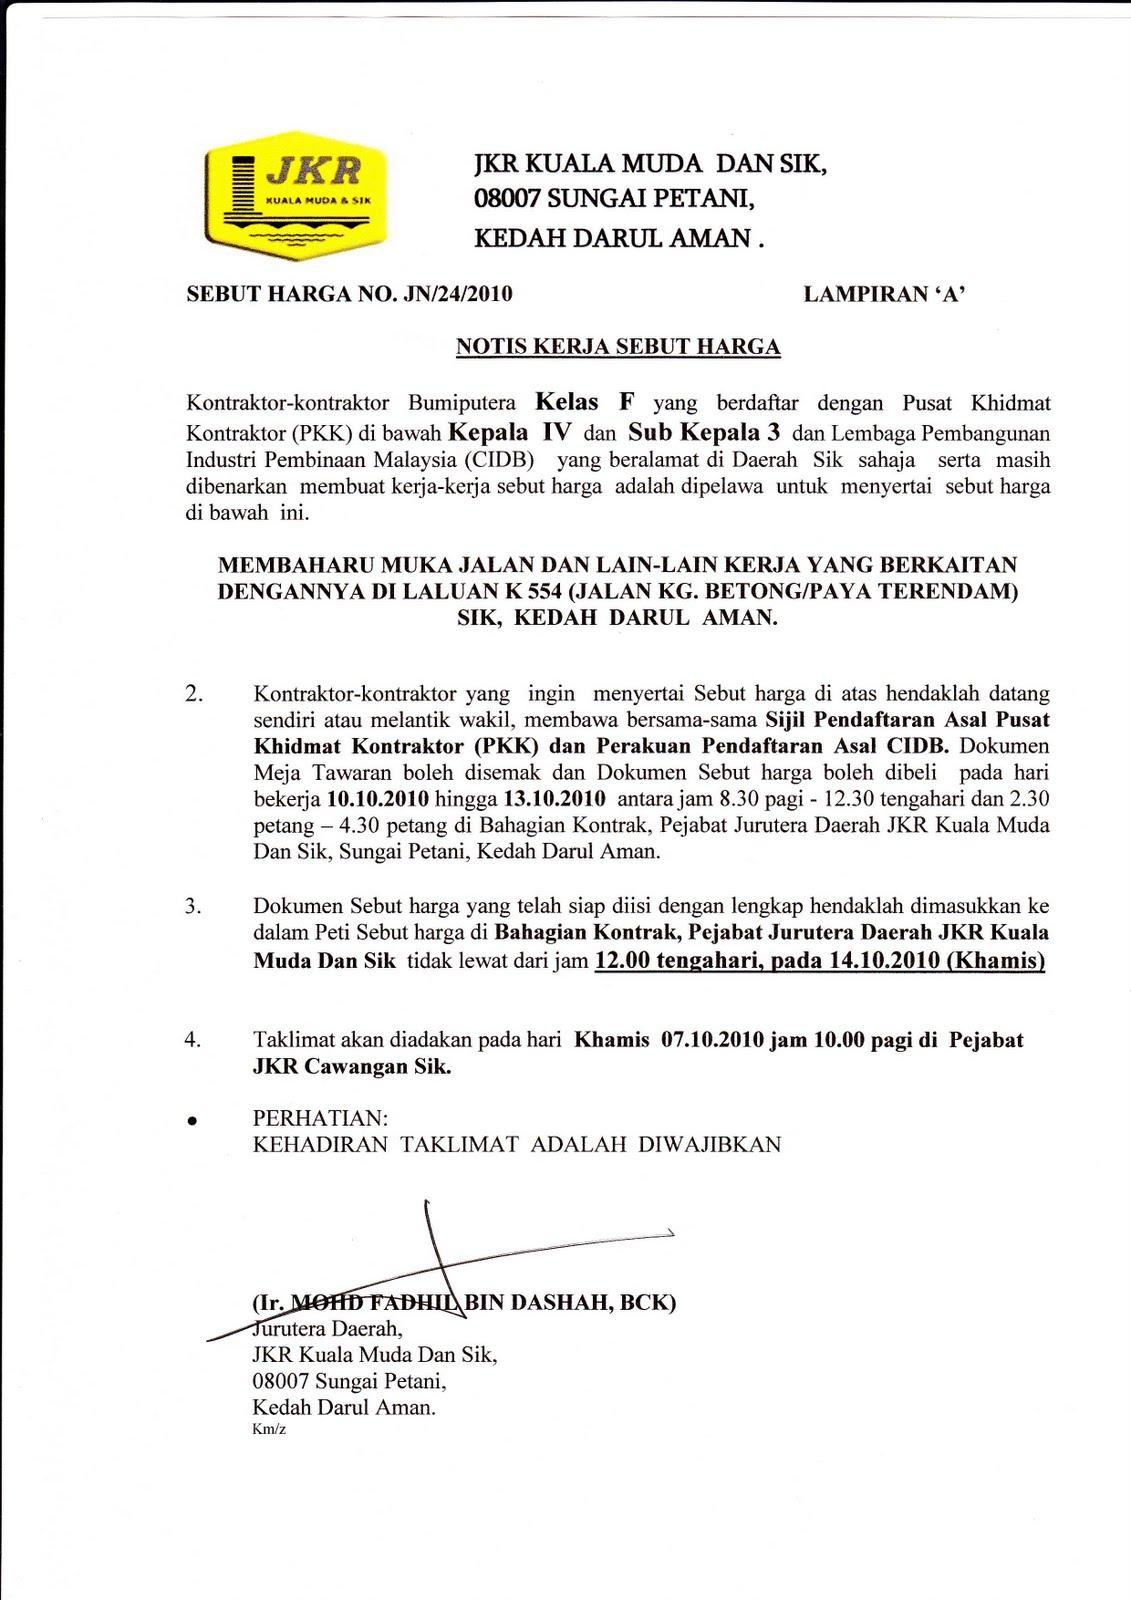 Jabatan Kerja Raya Daerah Kuala Muda Dan Sik Kontraktor Kelas F Daerah Sik Sahaja Sebut Harga Jalan Jn 21 2010 Hingga Jn 24 2010 Taklimat Sebut Harga